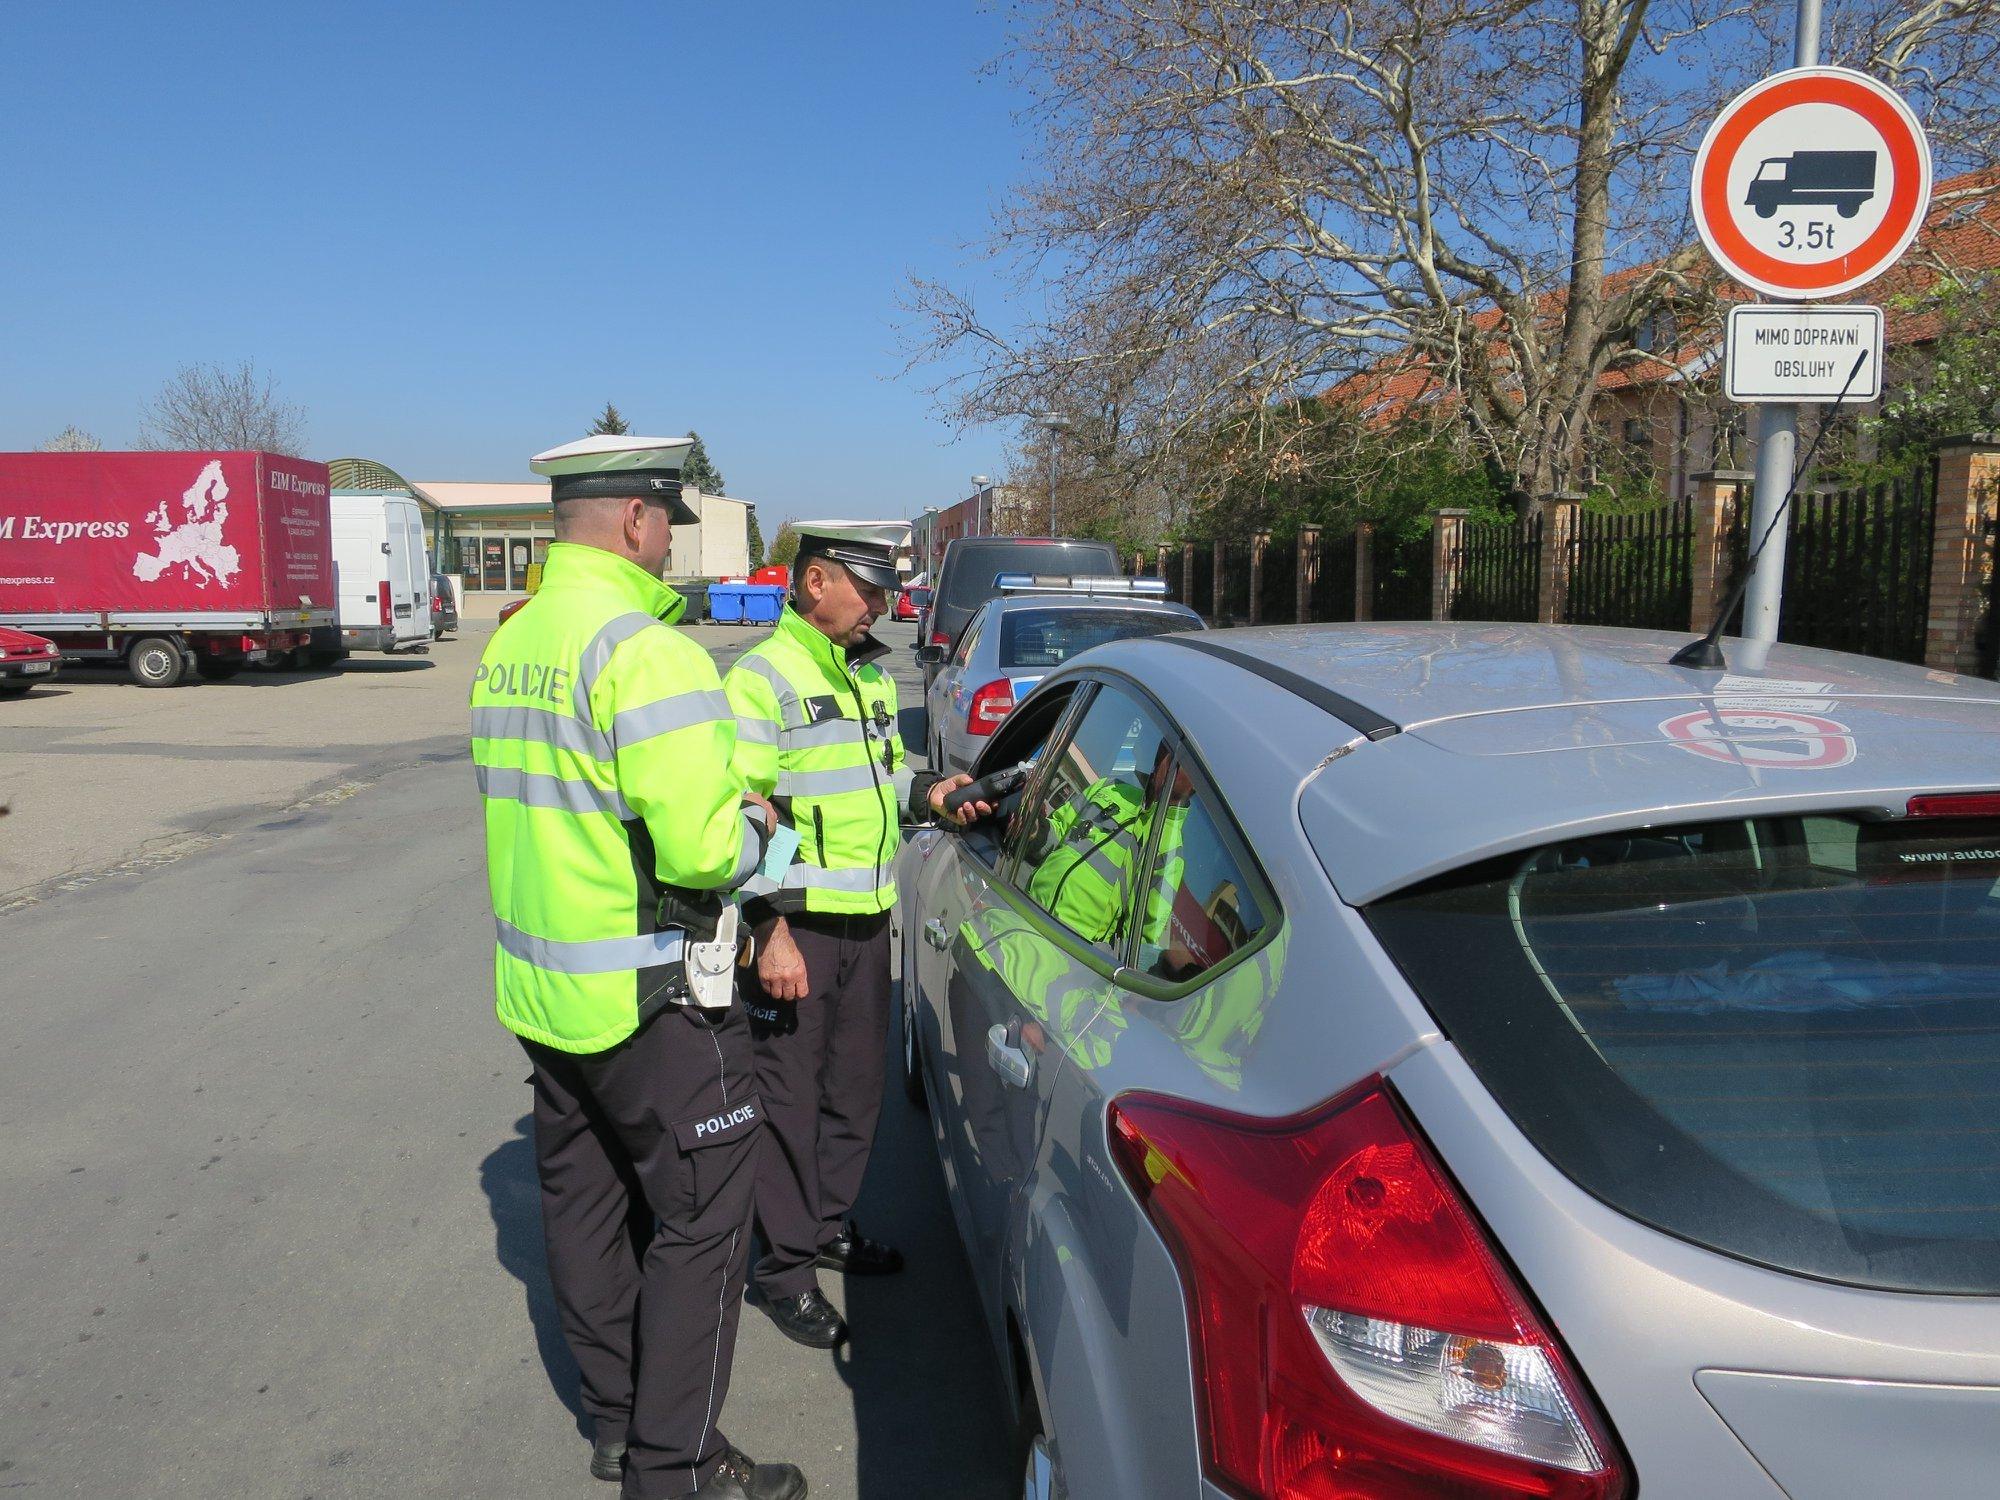 Přísnější bodový systém, vyšší pokuty a tvrdší správní řízení. Stát mění pravidla pro řidiče